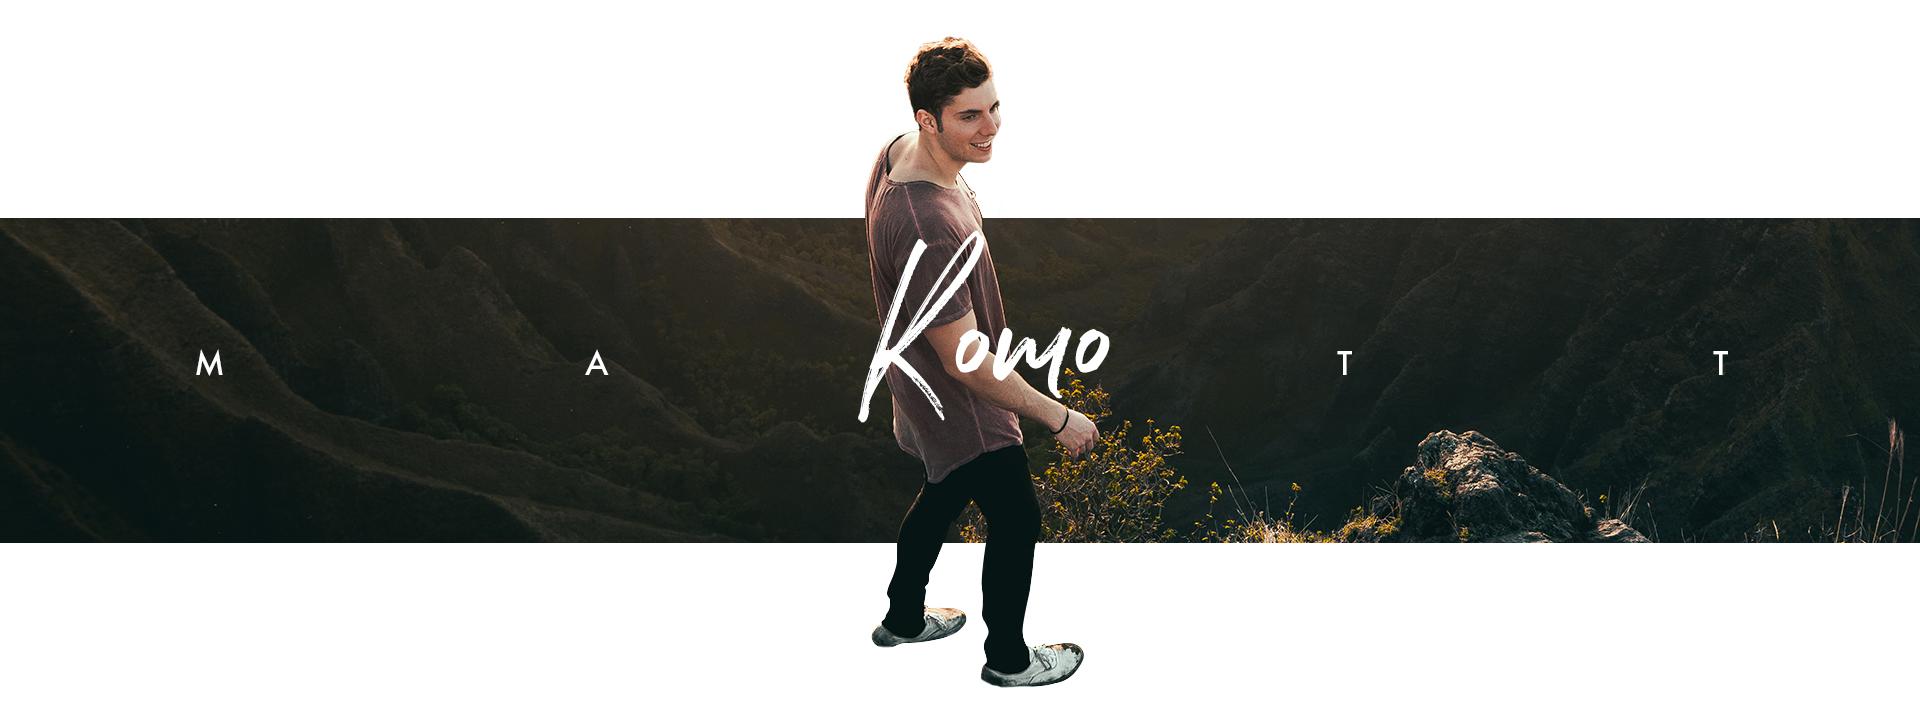 Matt Komo